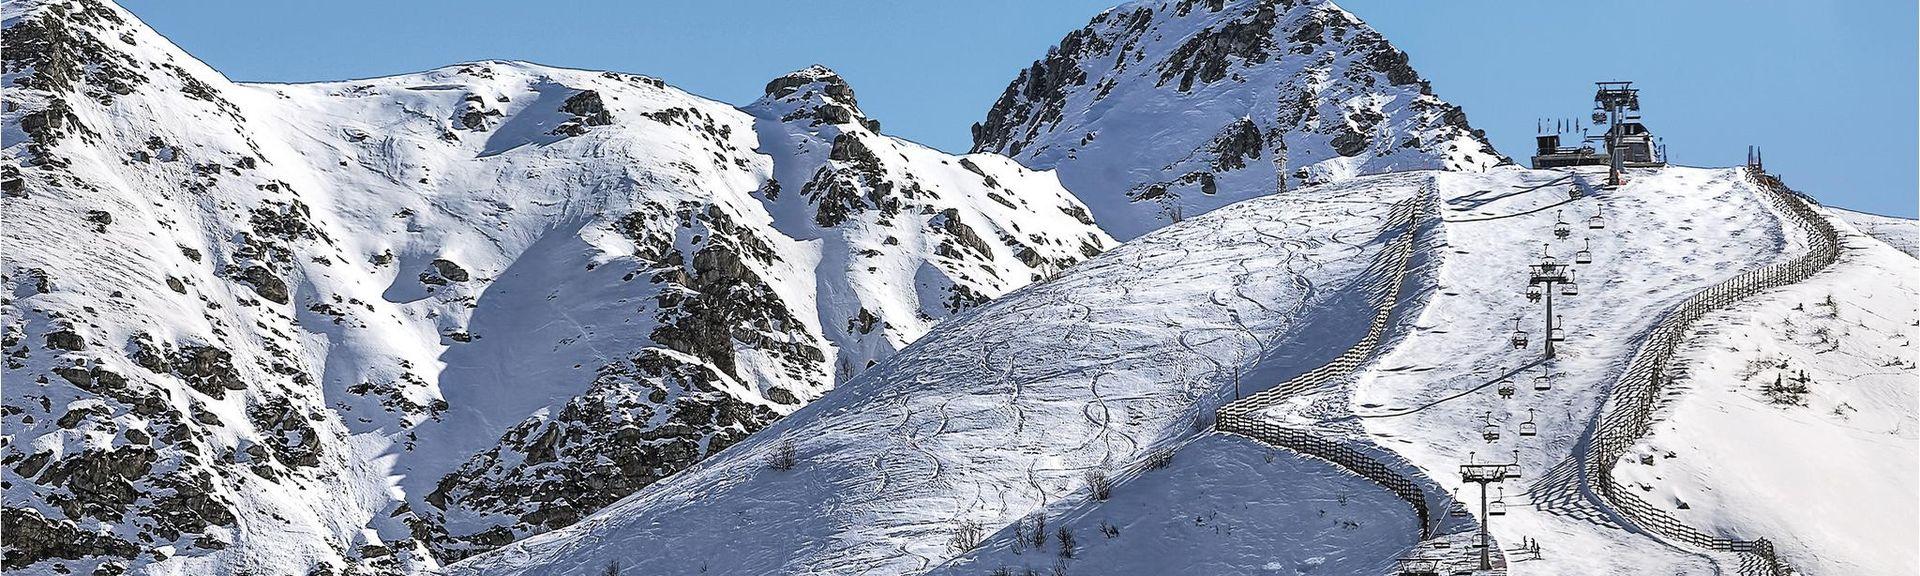 Crissolo - Monviso Ski, Crissolo, Piedmont, Italië